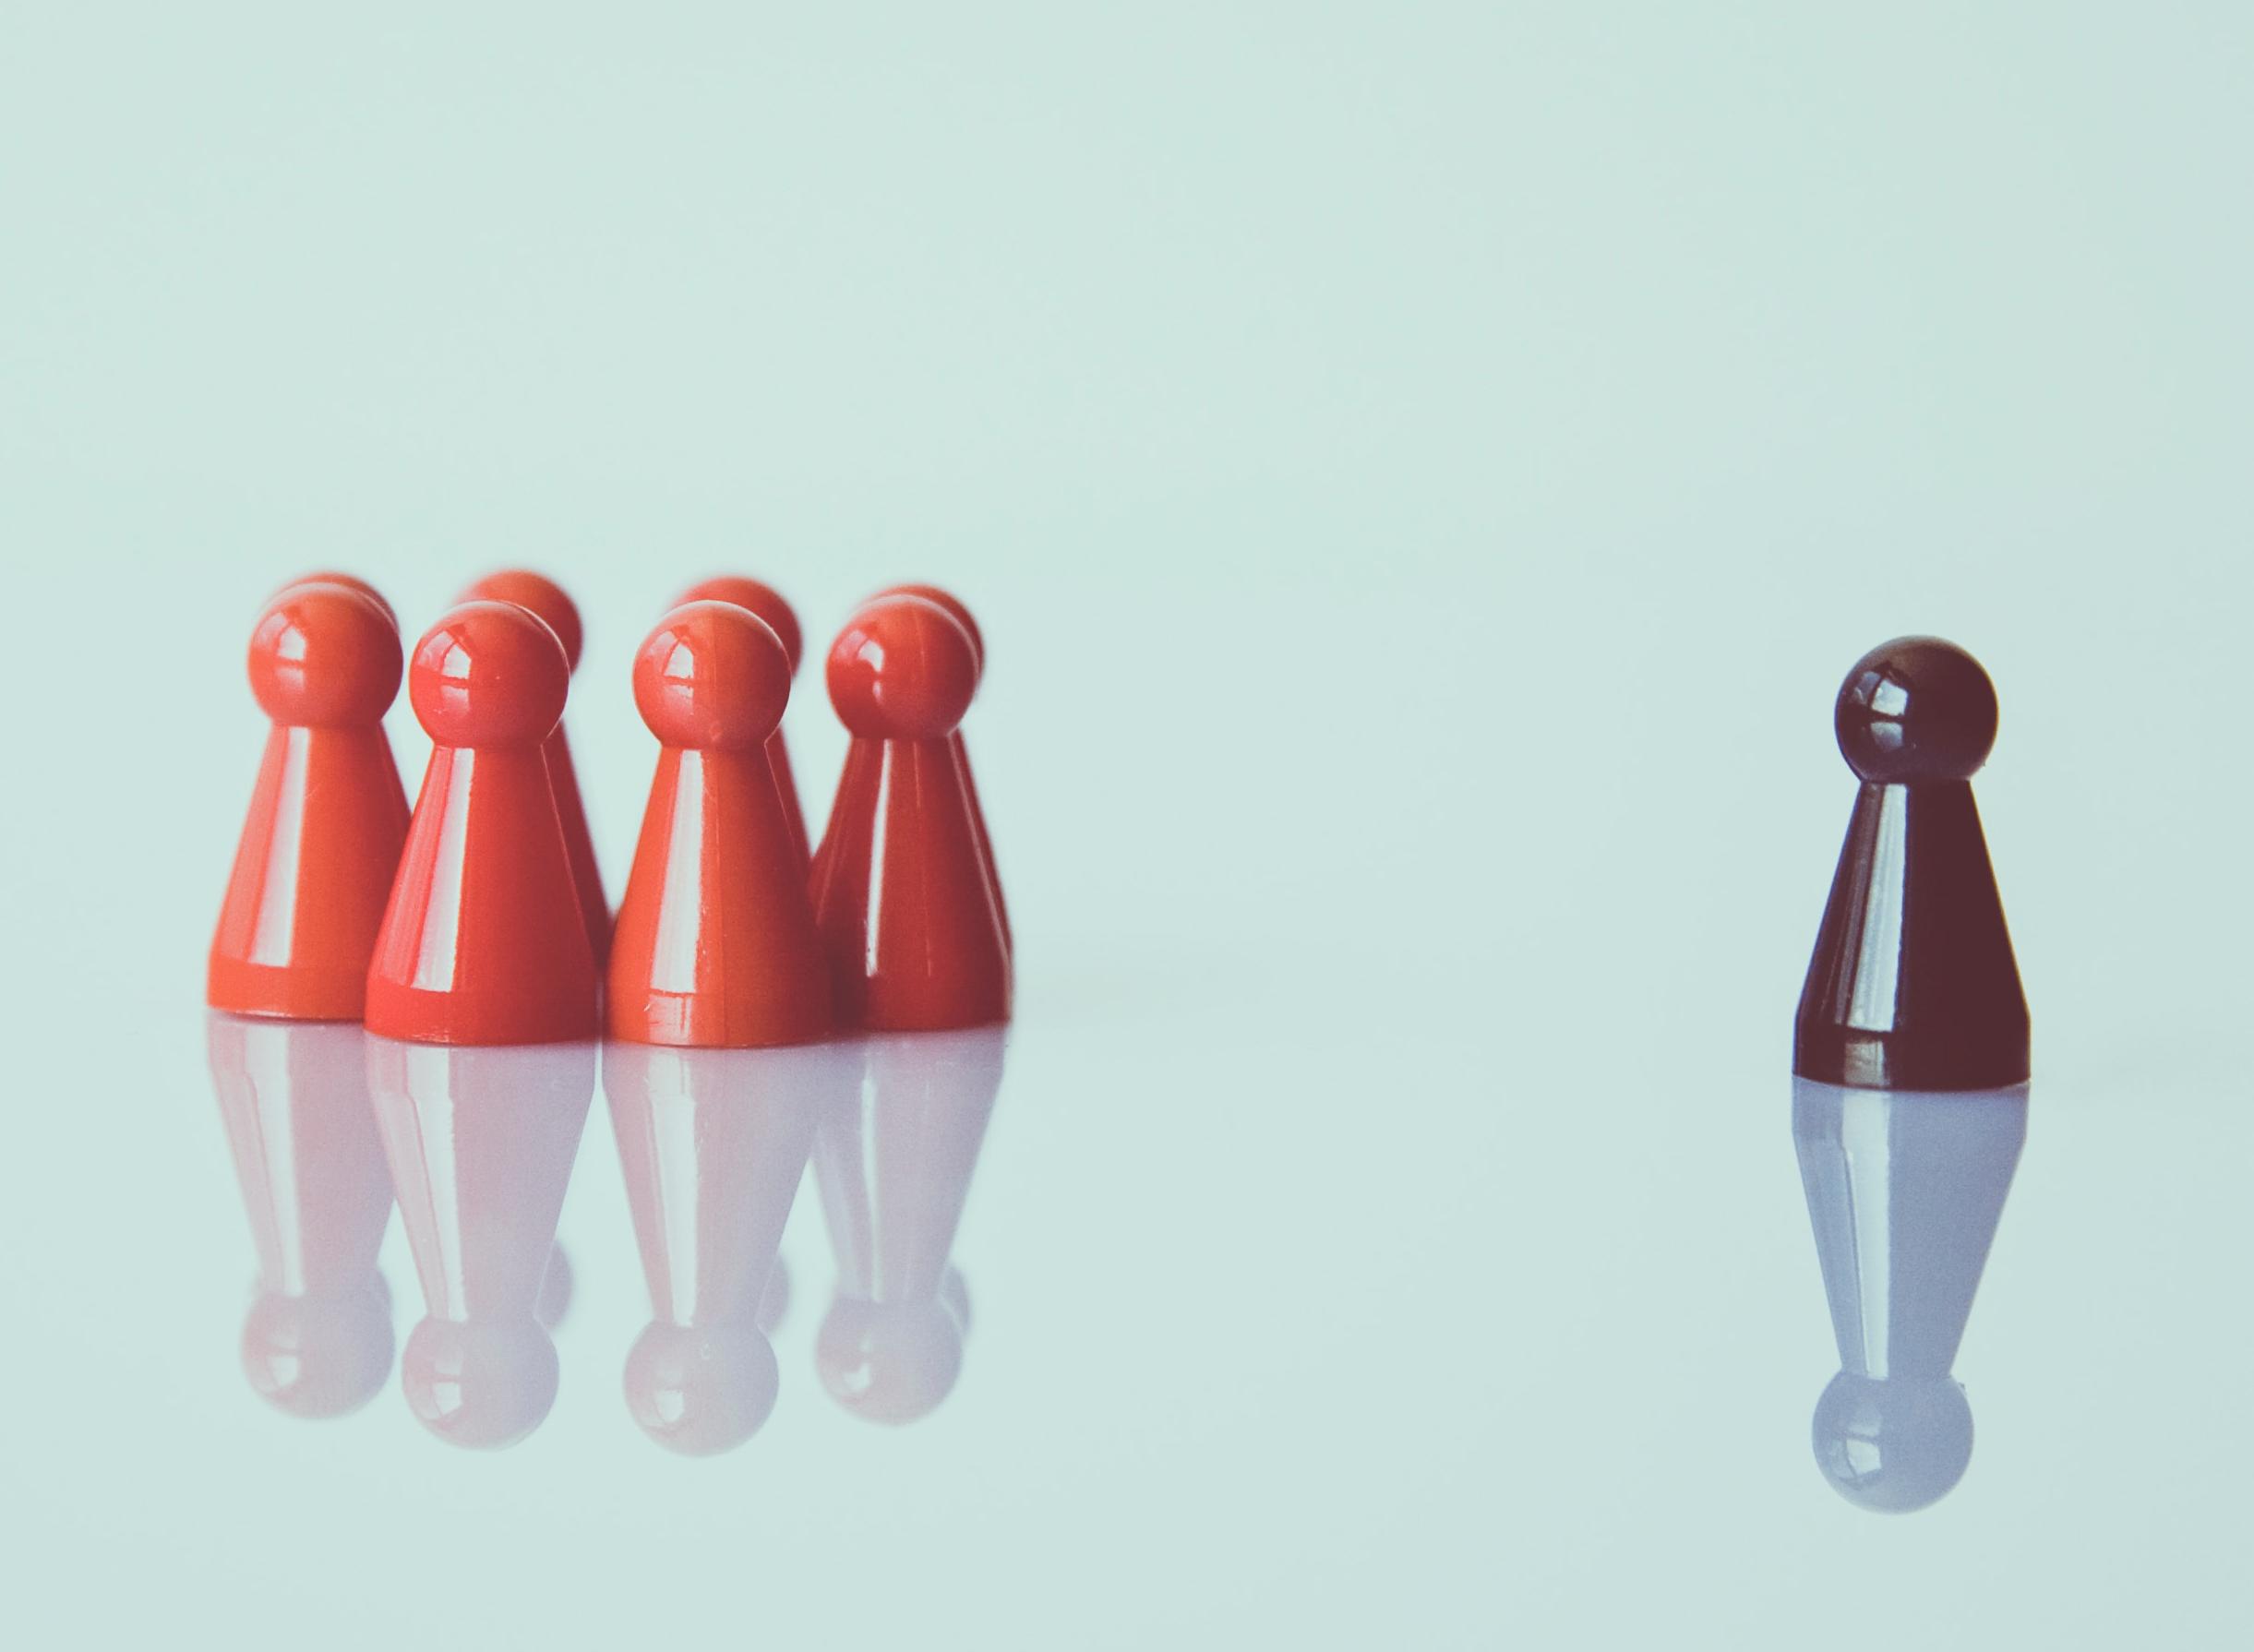 Soziale Distanzierung: Wie funktioniert sie?